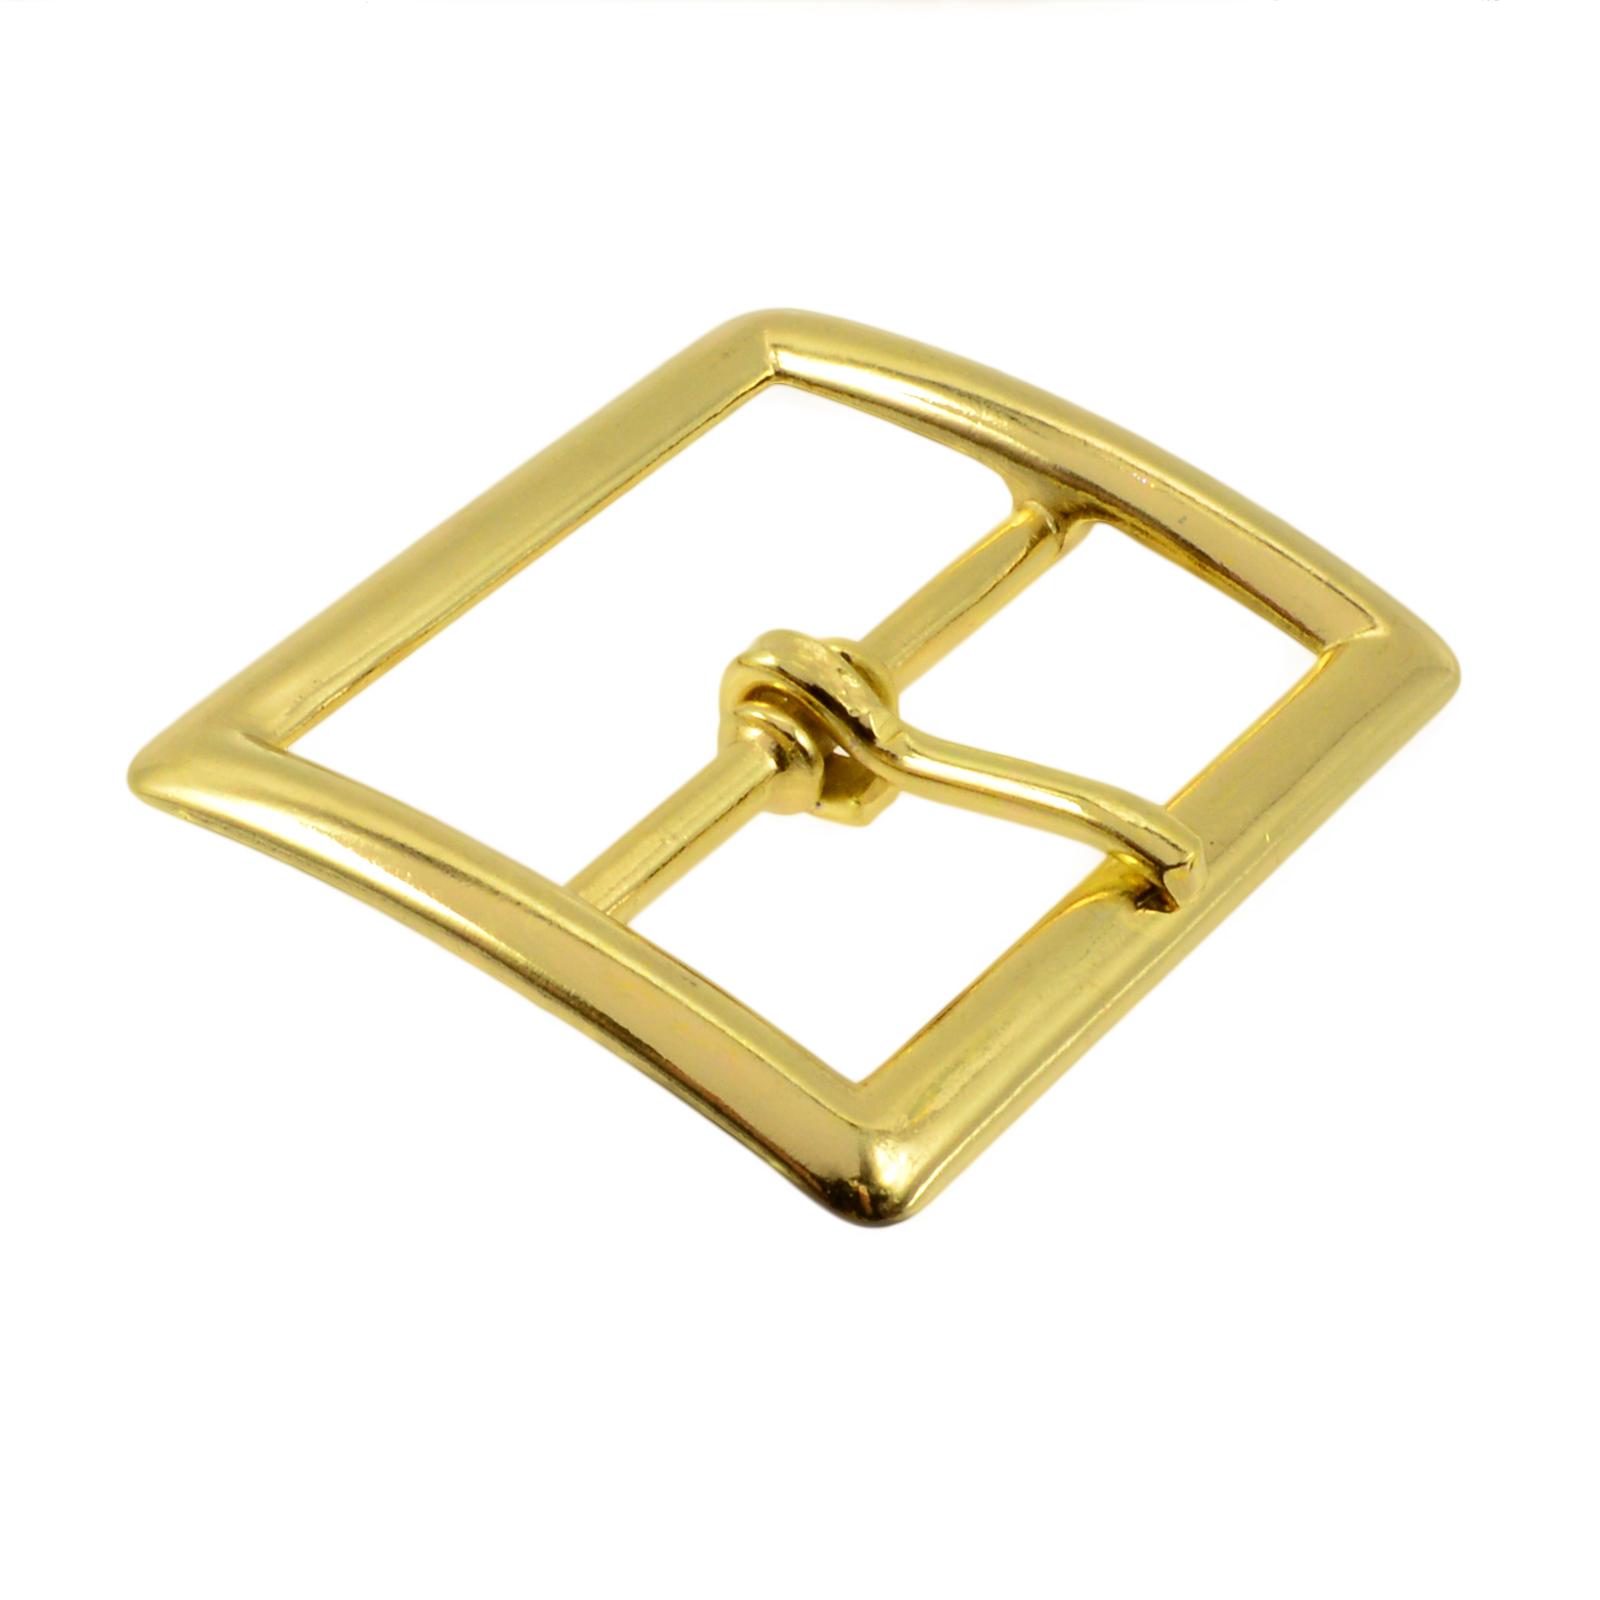 cobra-garrison-belt-replacement-buckle-brass-plated.jpg